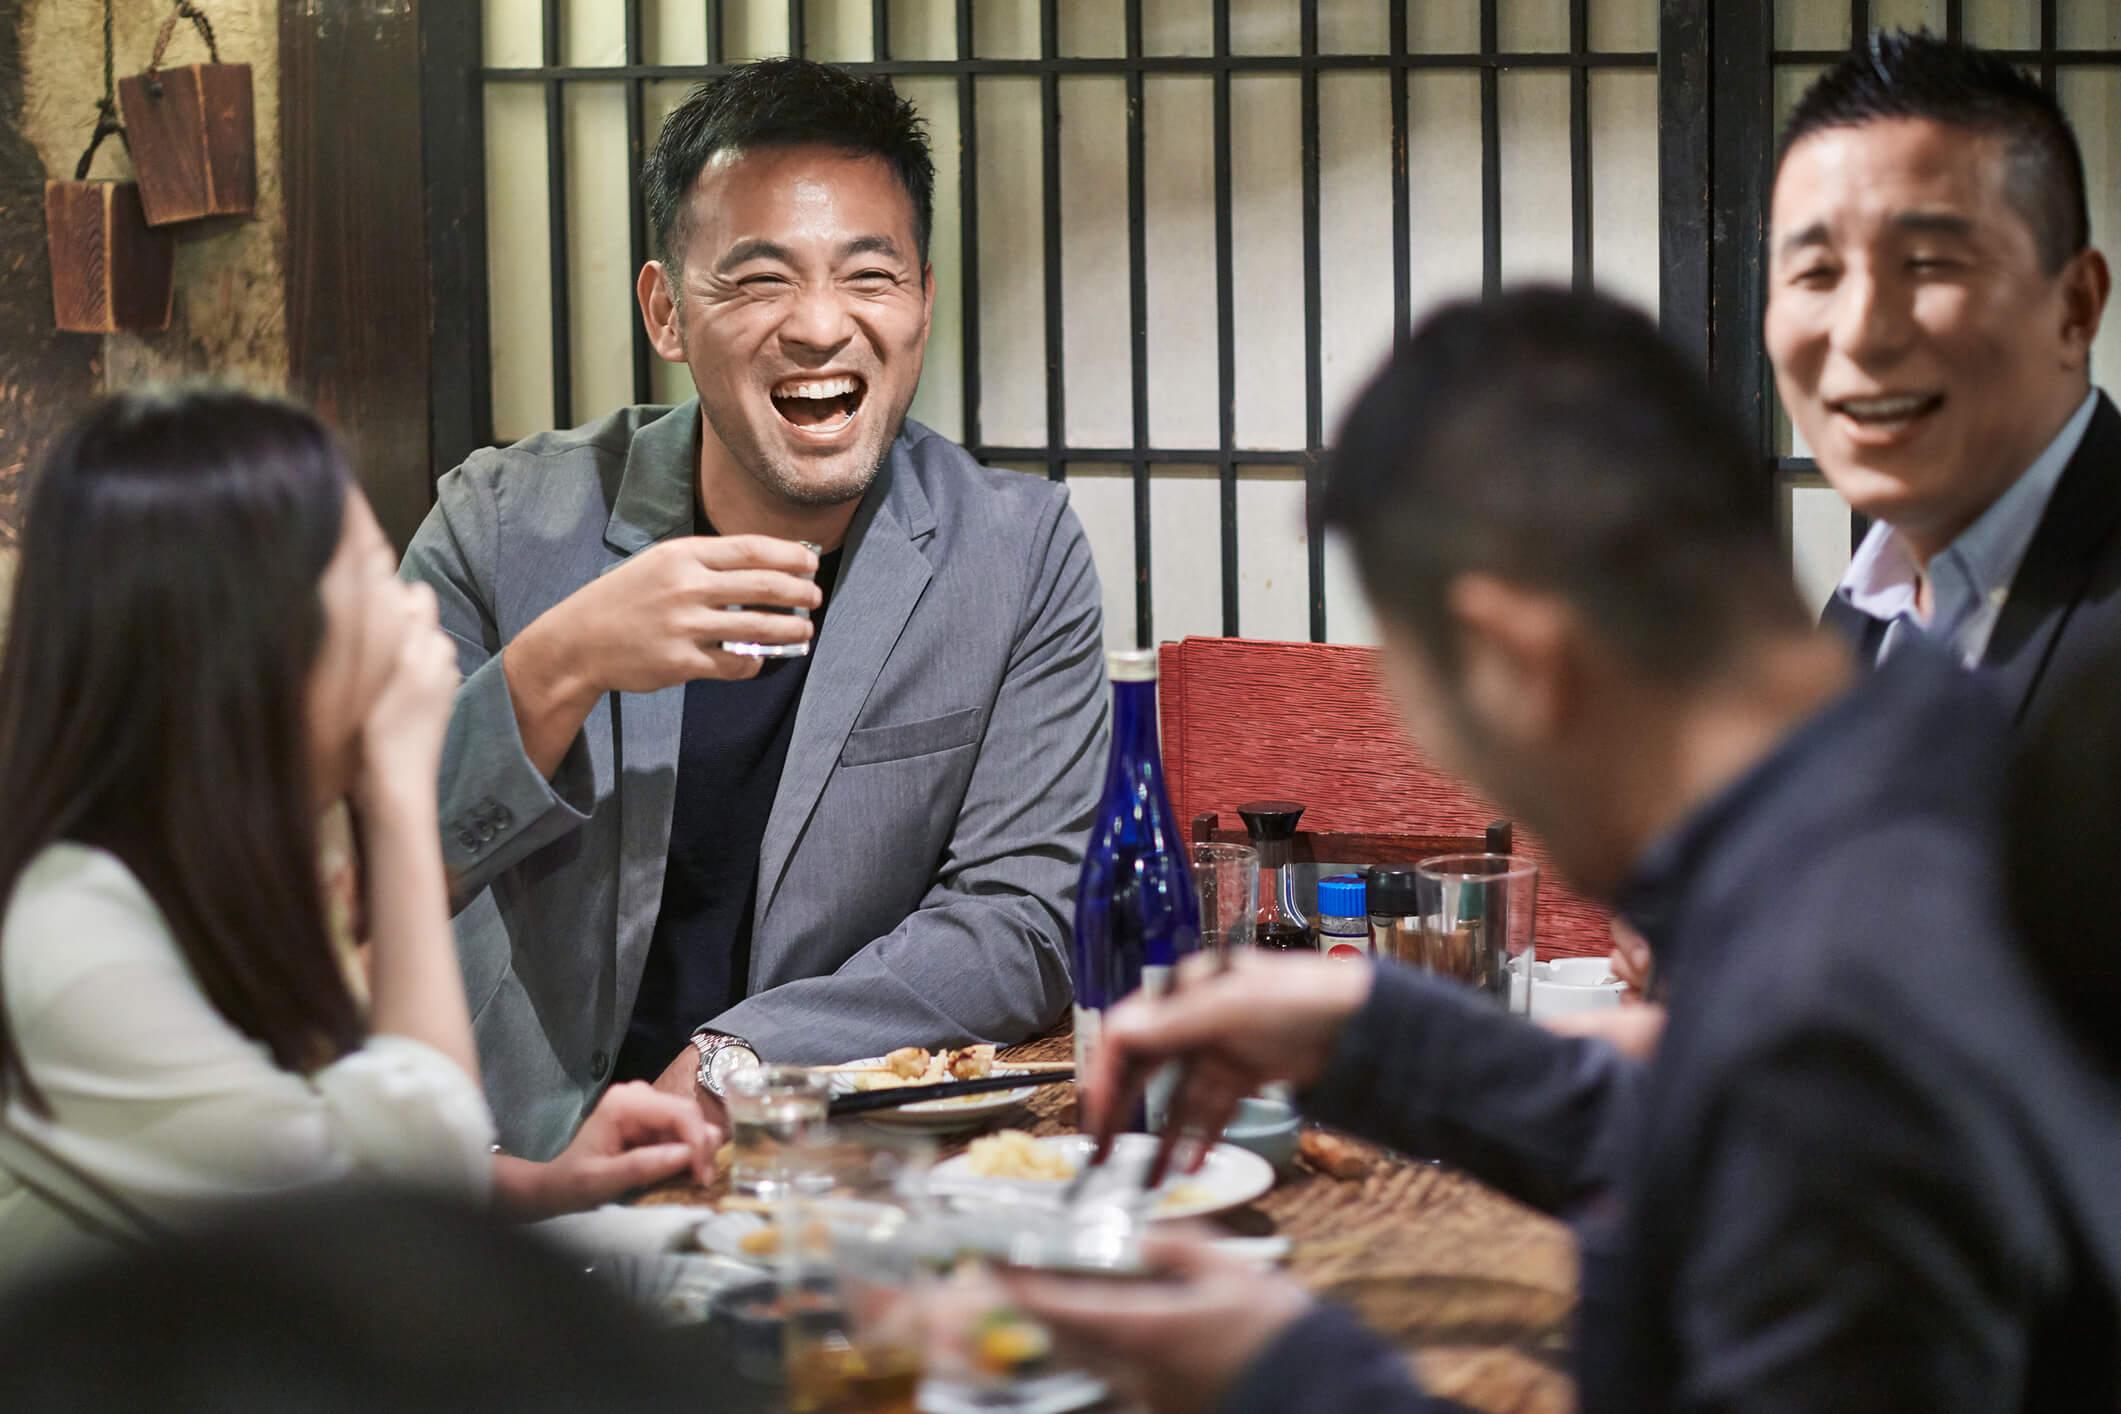 nomunication socializing relationship building japanese business